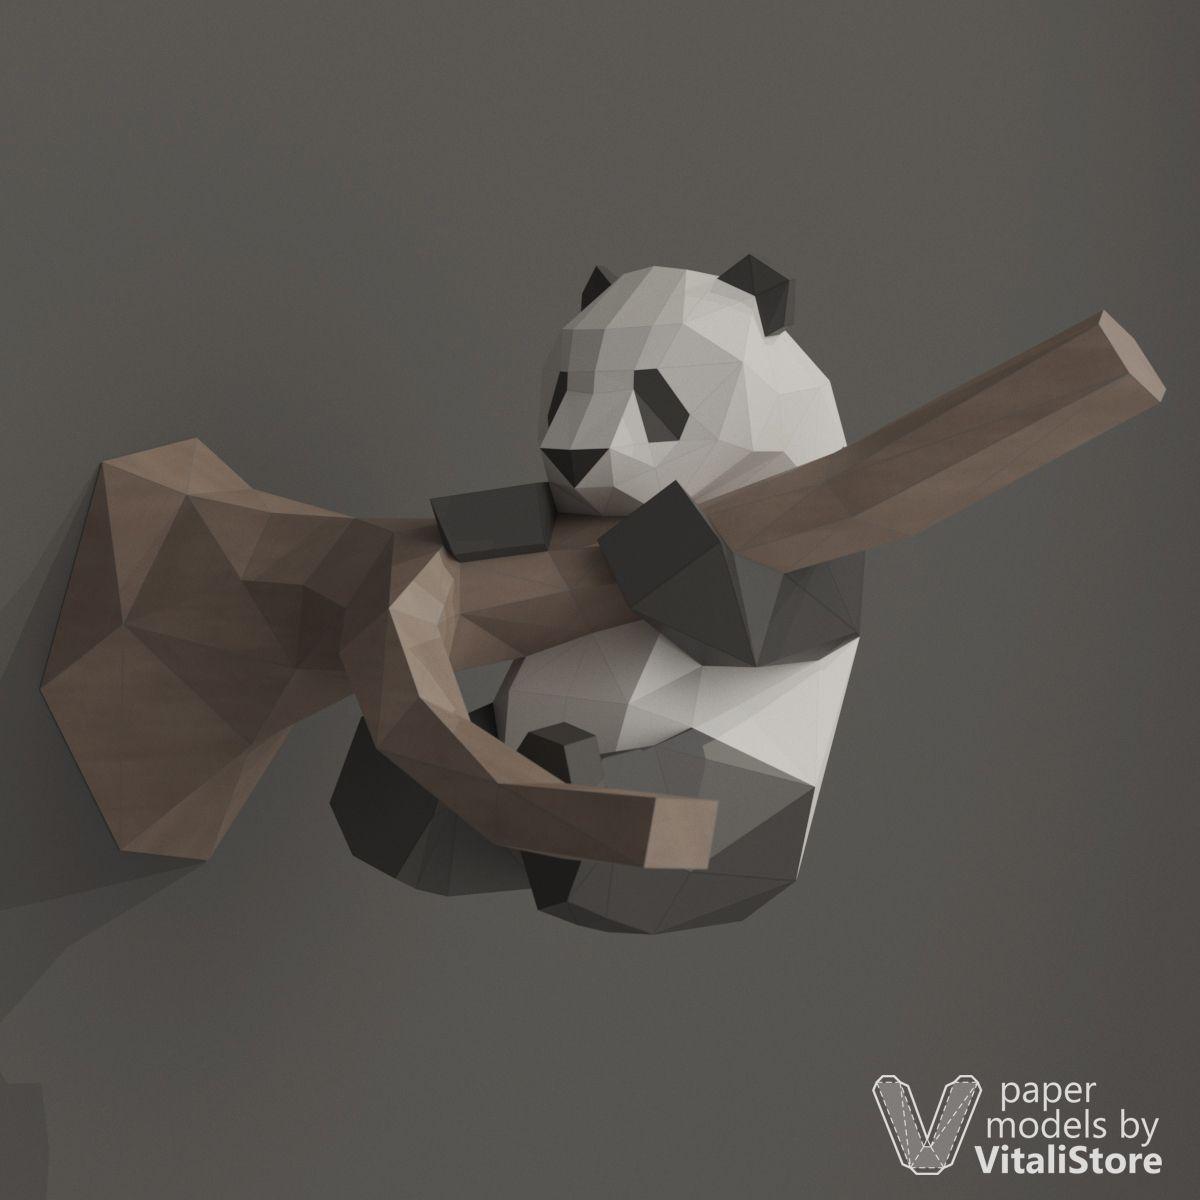 Funny Panda Papercraft, DIY Paper Sculpture, Wall Decor ... - photo#8